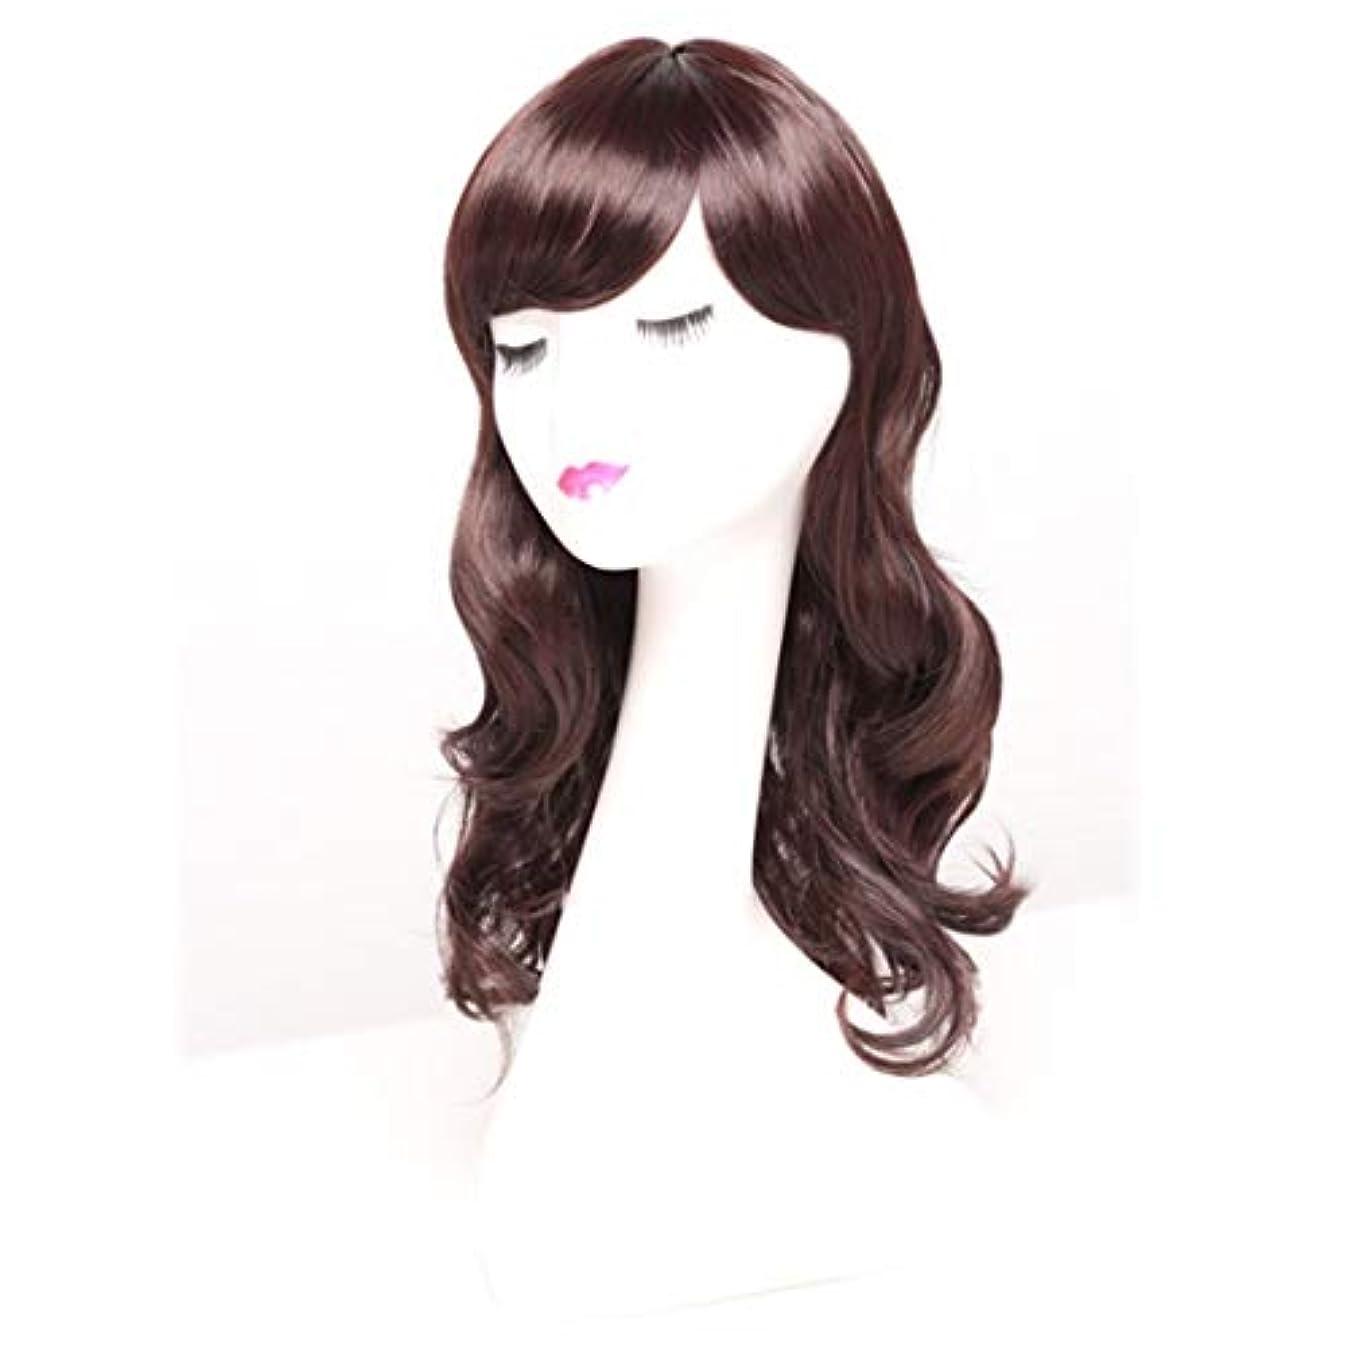 生活旋回精緻化Summerys 女性のための長い巻き毛のかつらかつらかつらと人工的な毛髪のかつら本物の髪として自然なかつら